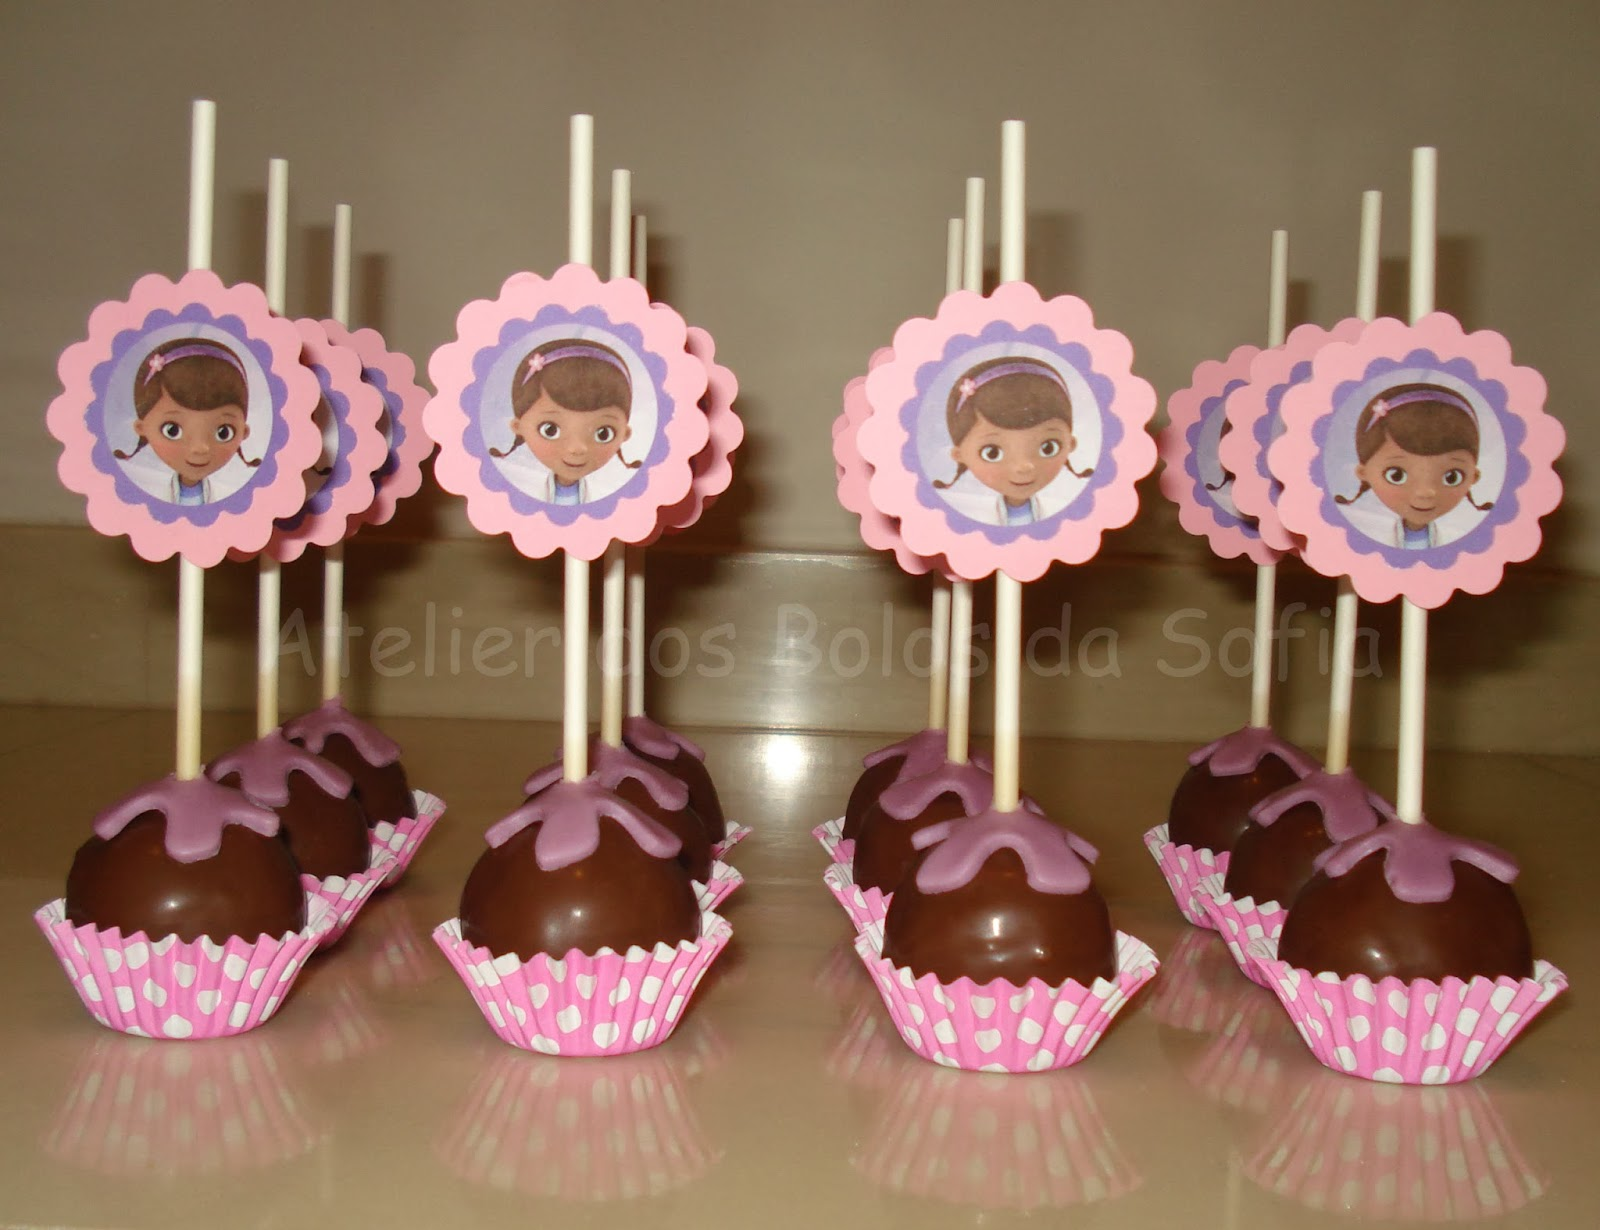 Atelier dos bolos da sofia bolo doutora brinquedos cake for Cake pops cobertura